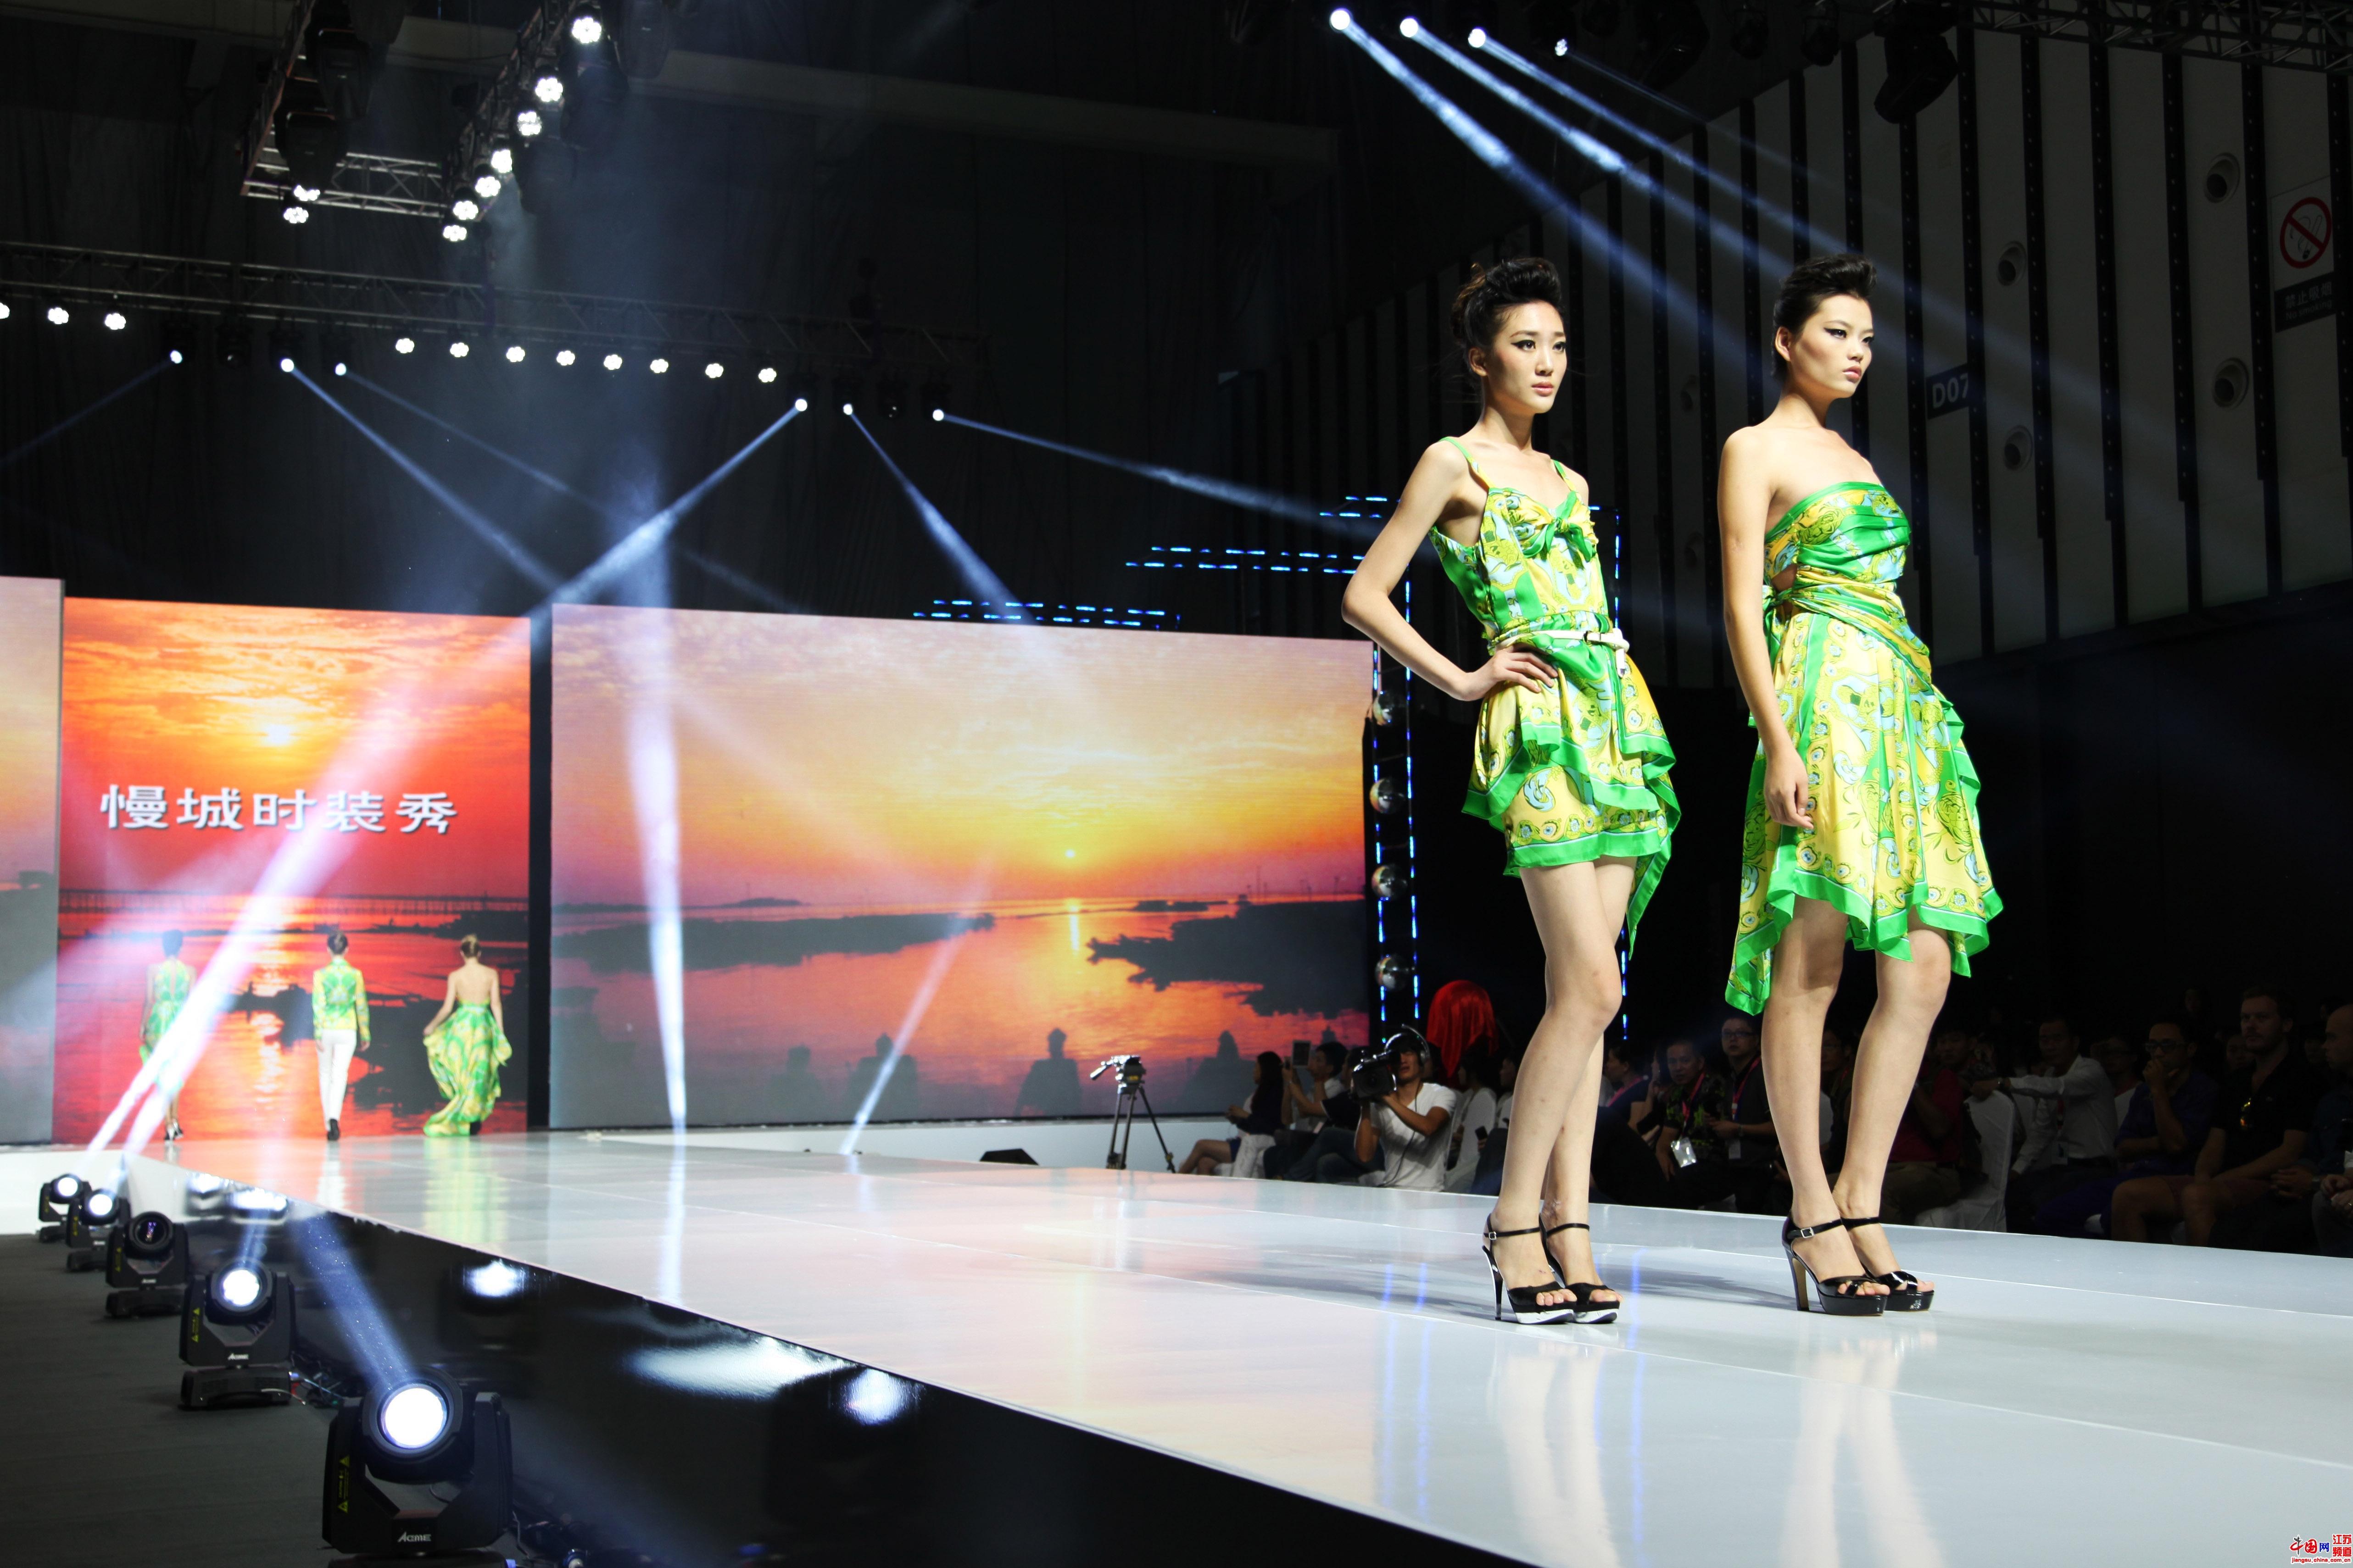 9月13日,第十四届江苏国际服服装节新闻发布会在南京举行,会议由省委宣传部副部长司锦泉主持,本届江苏国际服装节将于9月14日—16日在南京开幕。 摄影 郑鹏